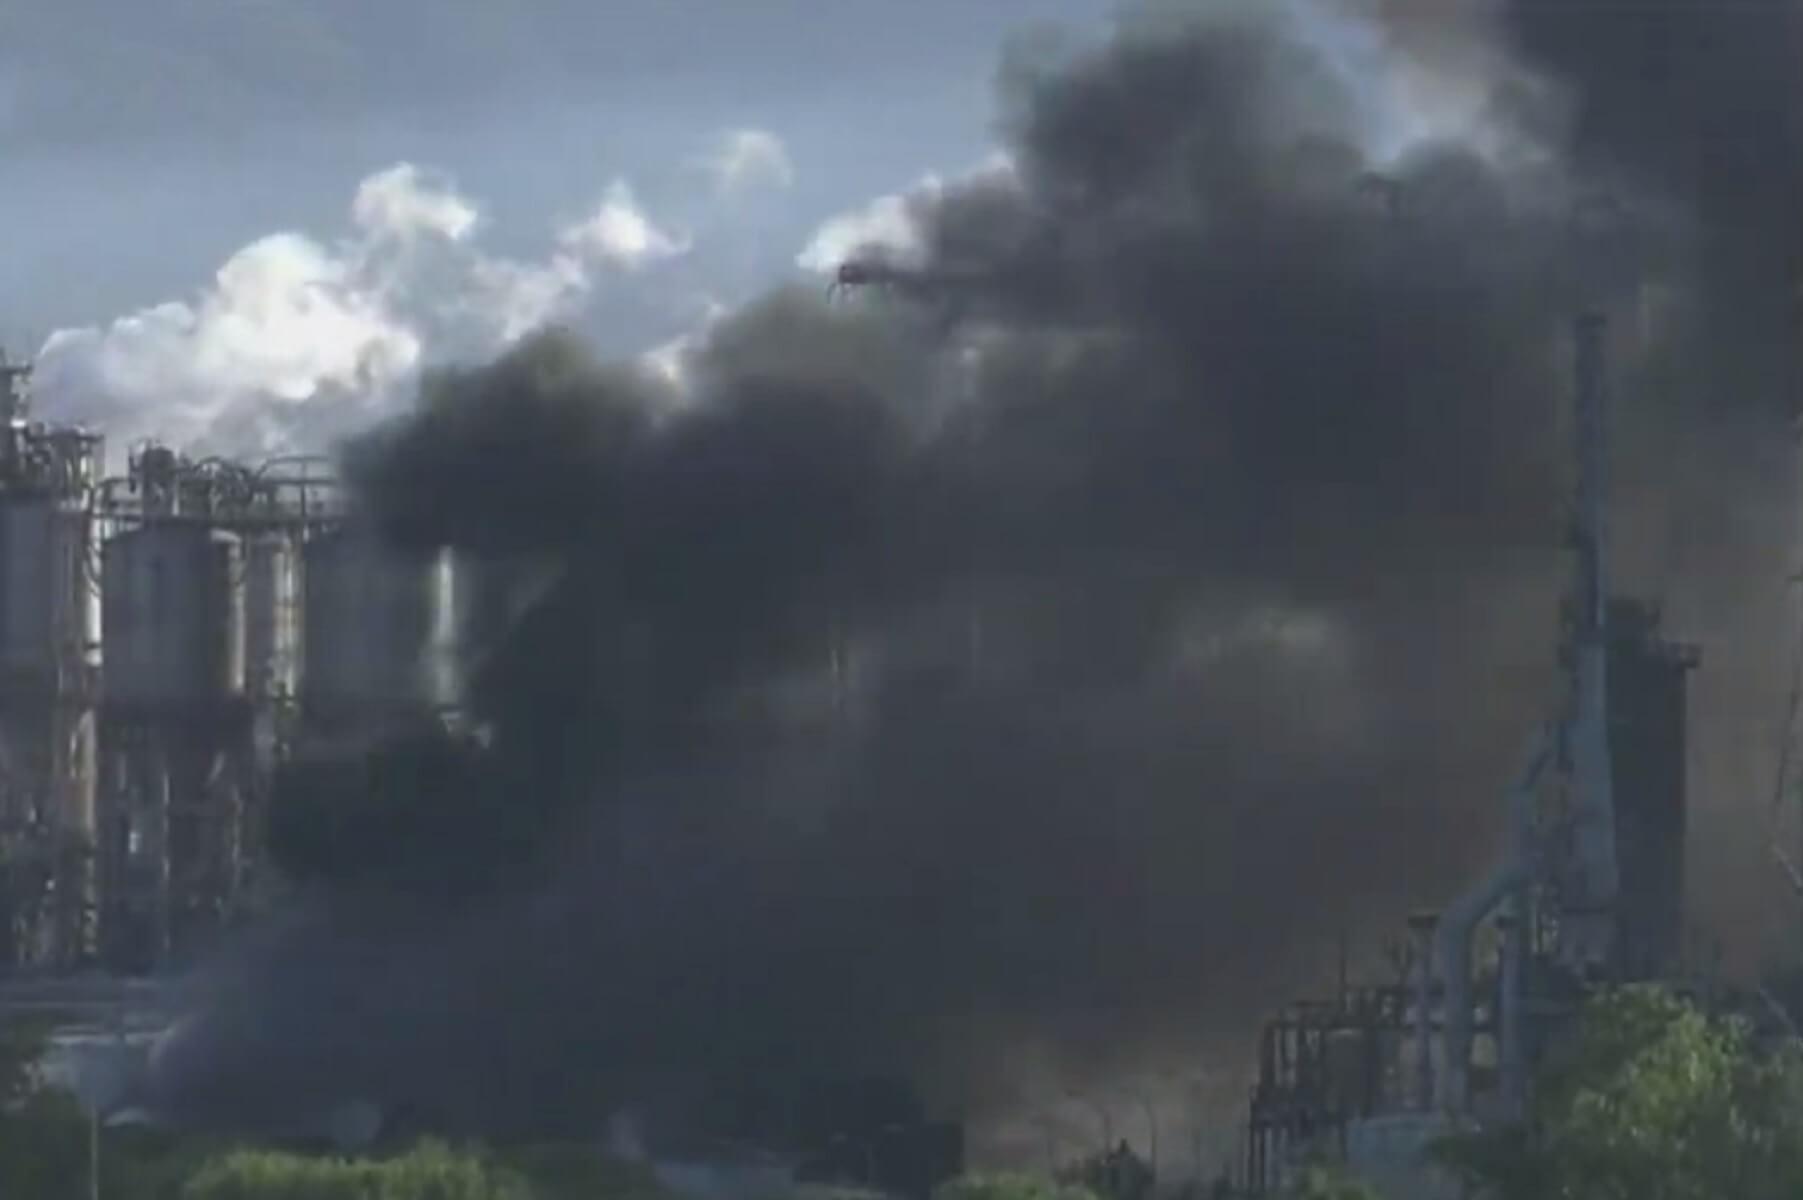 Έπνιξαν οι καπνοί το Γιβραλτάρ! Έκρηξη σε διυλιστήριο στην πόλη Σαν Ρόκε – video